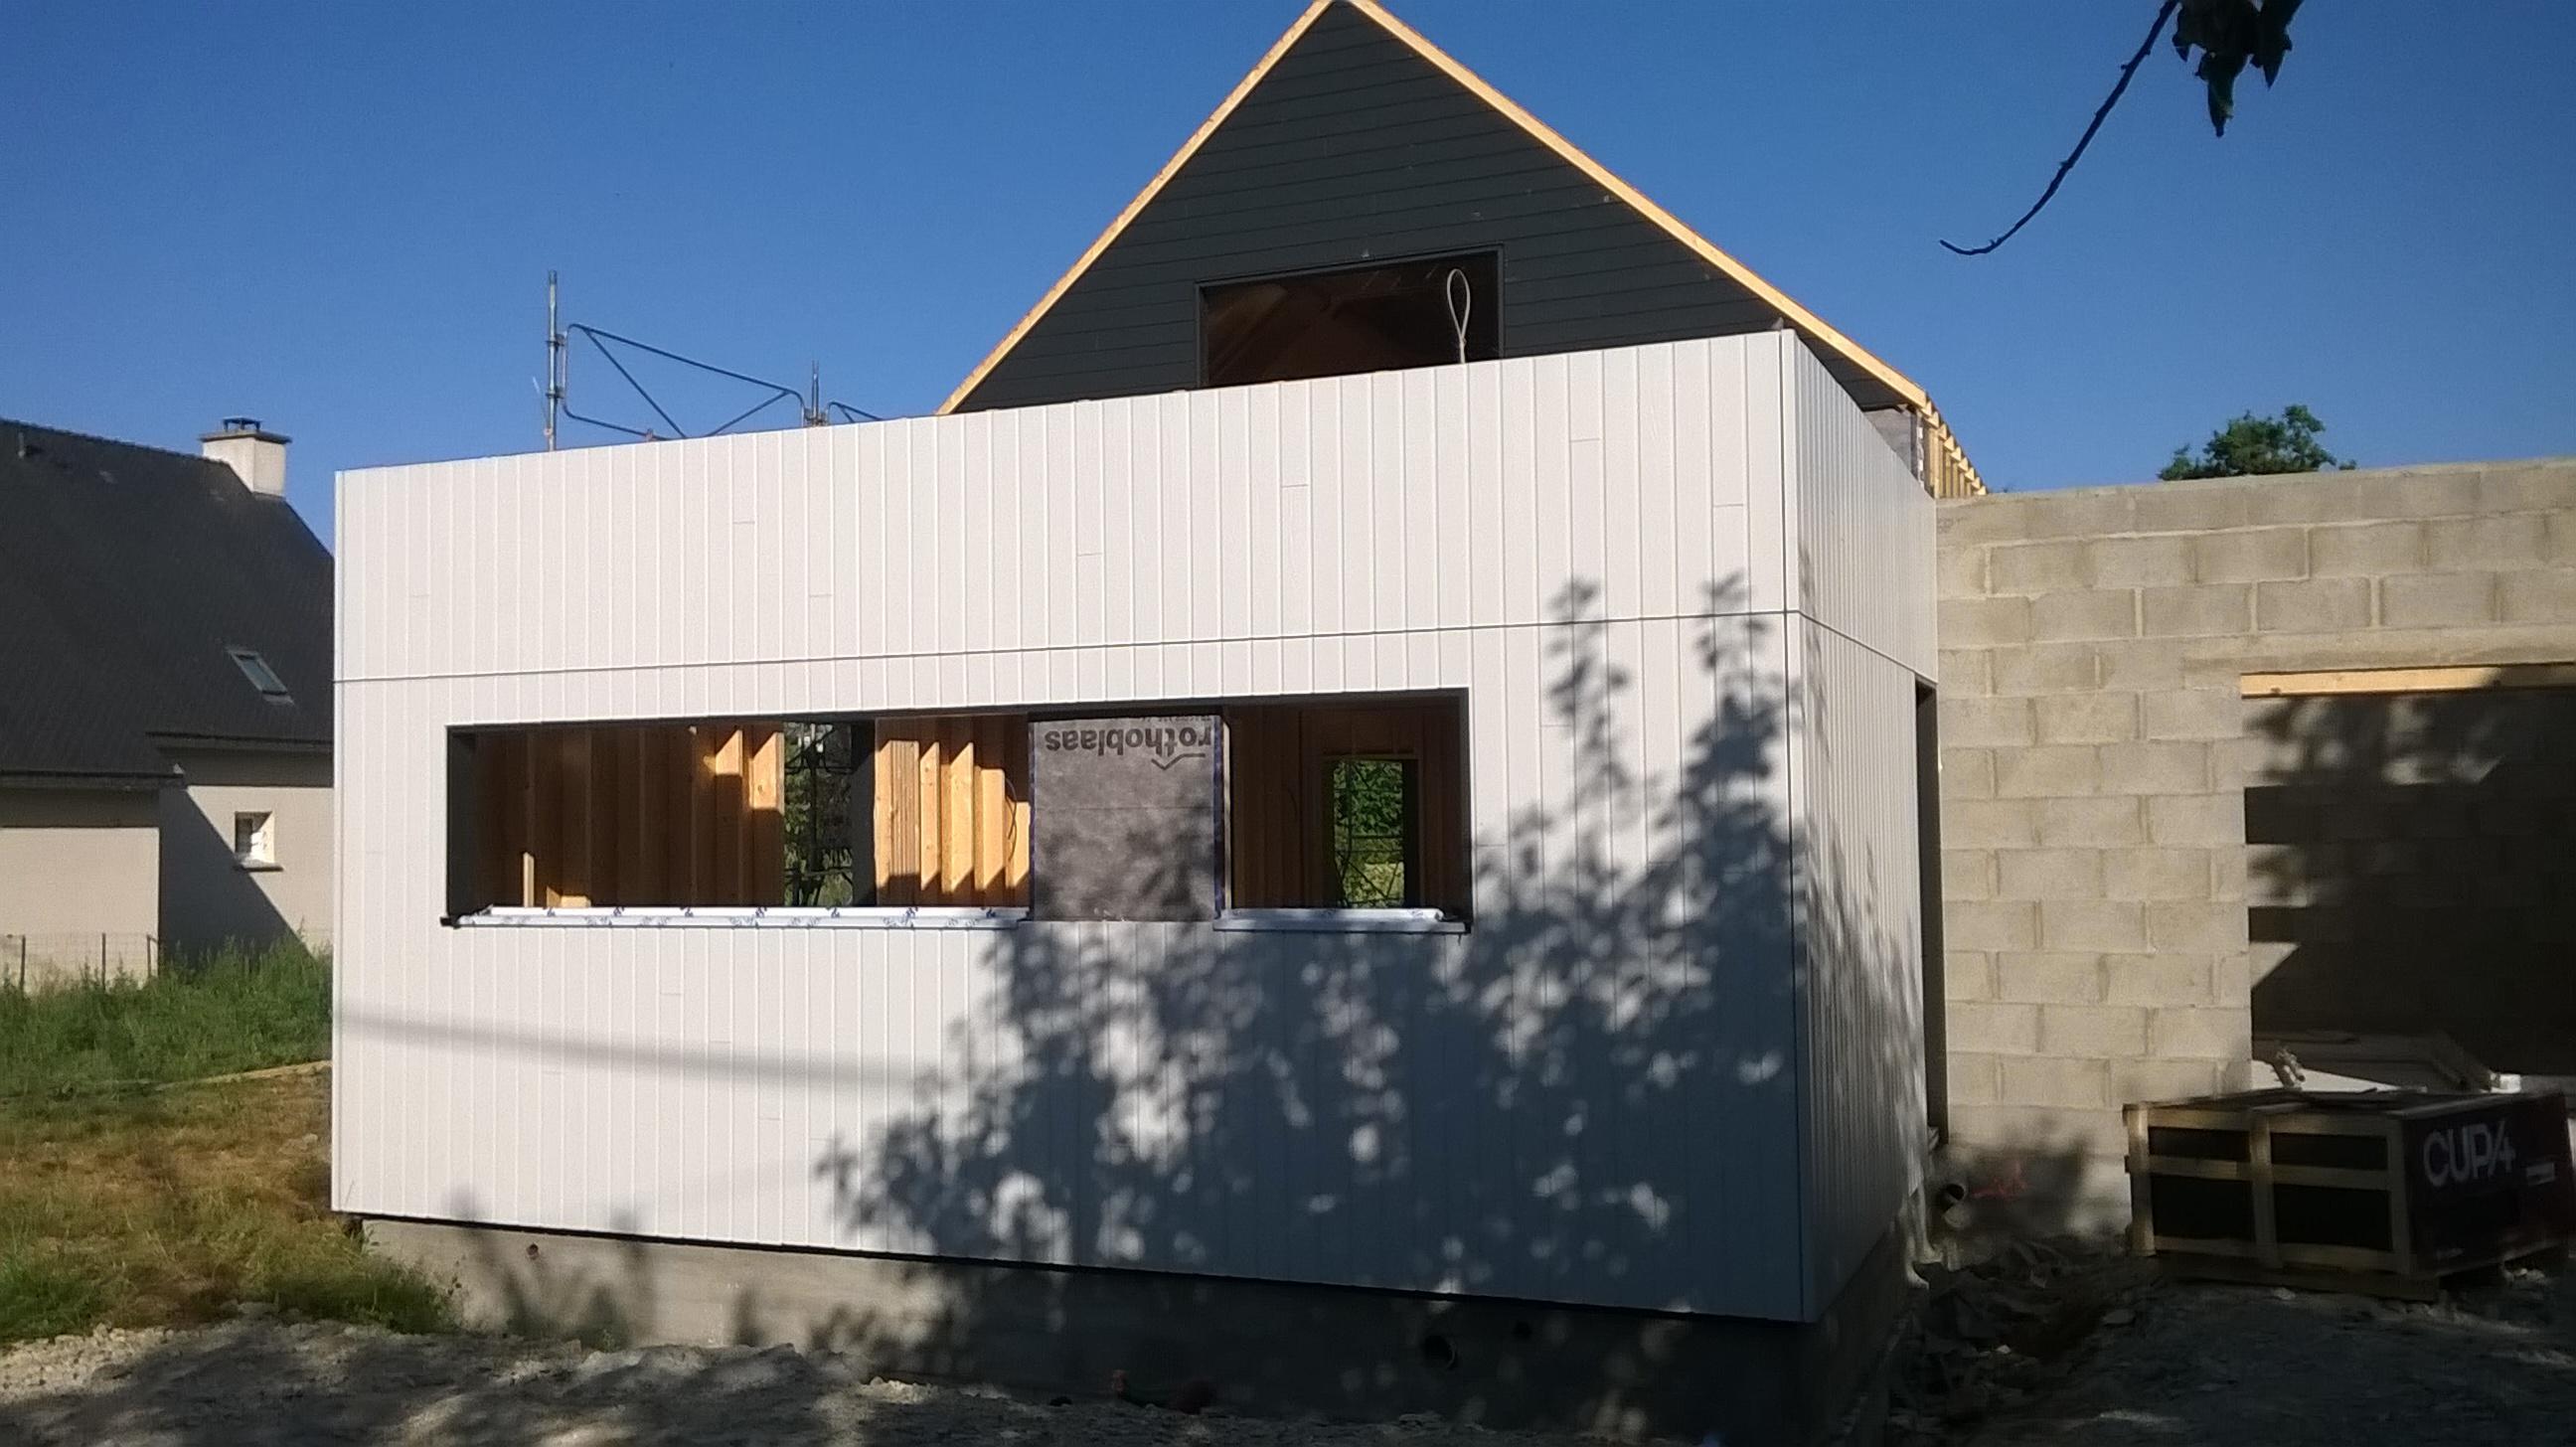 maison bois st ave obtenez des id es de design int ressantes en utilisant du. Black Bedroom Furniture Sets. Home Design Ideas